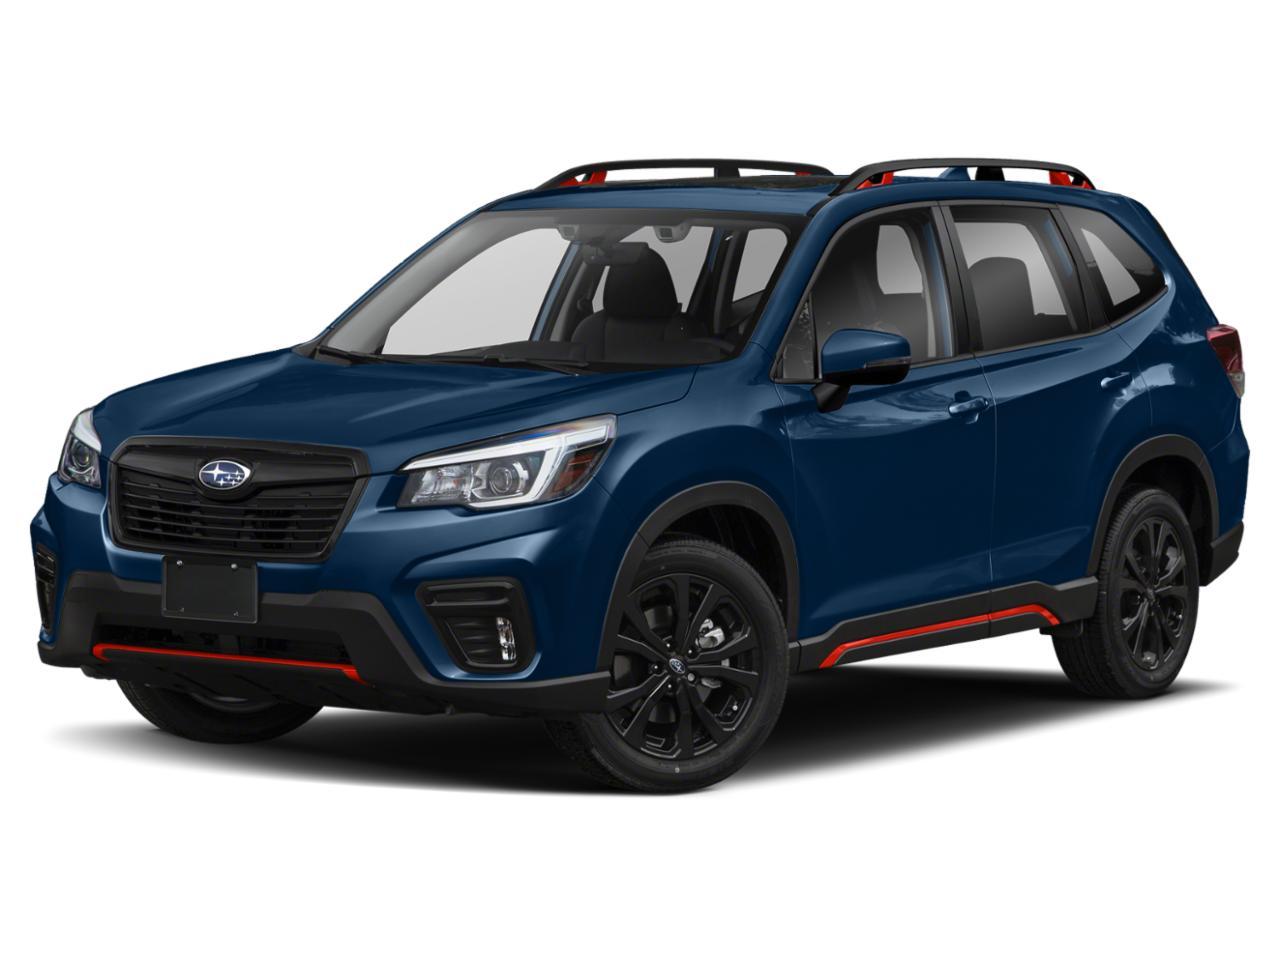 2021 Subaru Forester Vehicle Photo in DALLAS, TX 75209